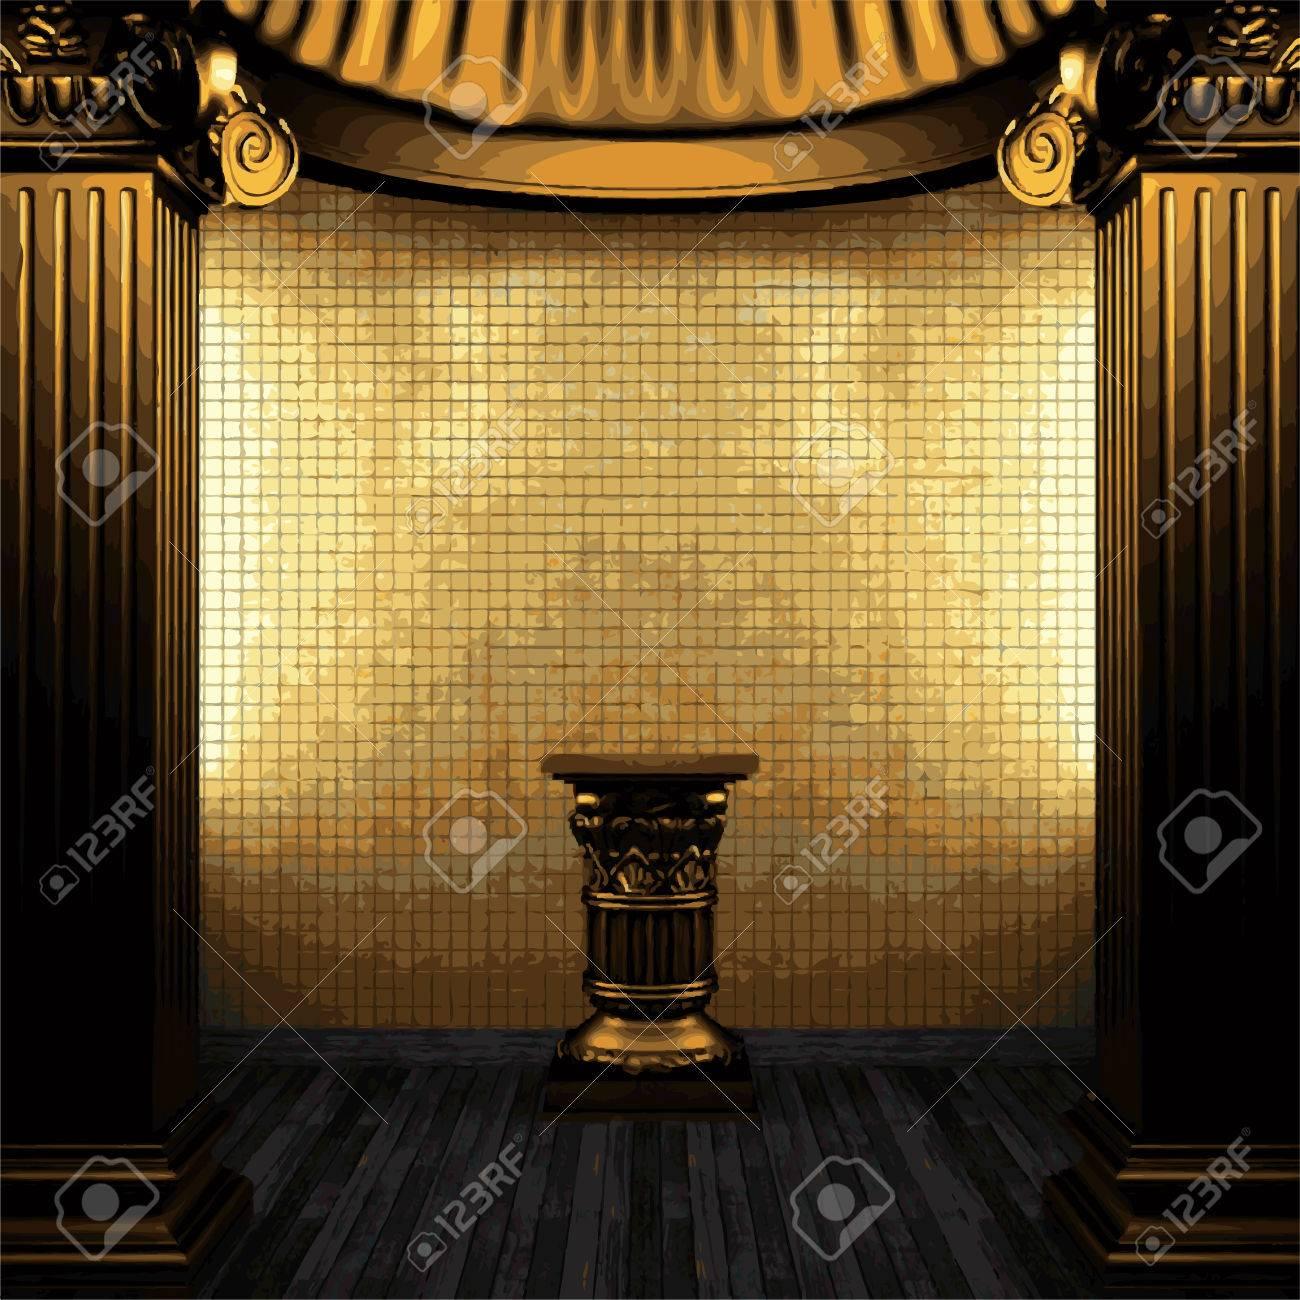 Vektor brons pelare, sockel och kakel vägg royalty fri clipart ...